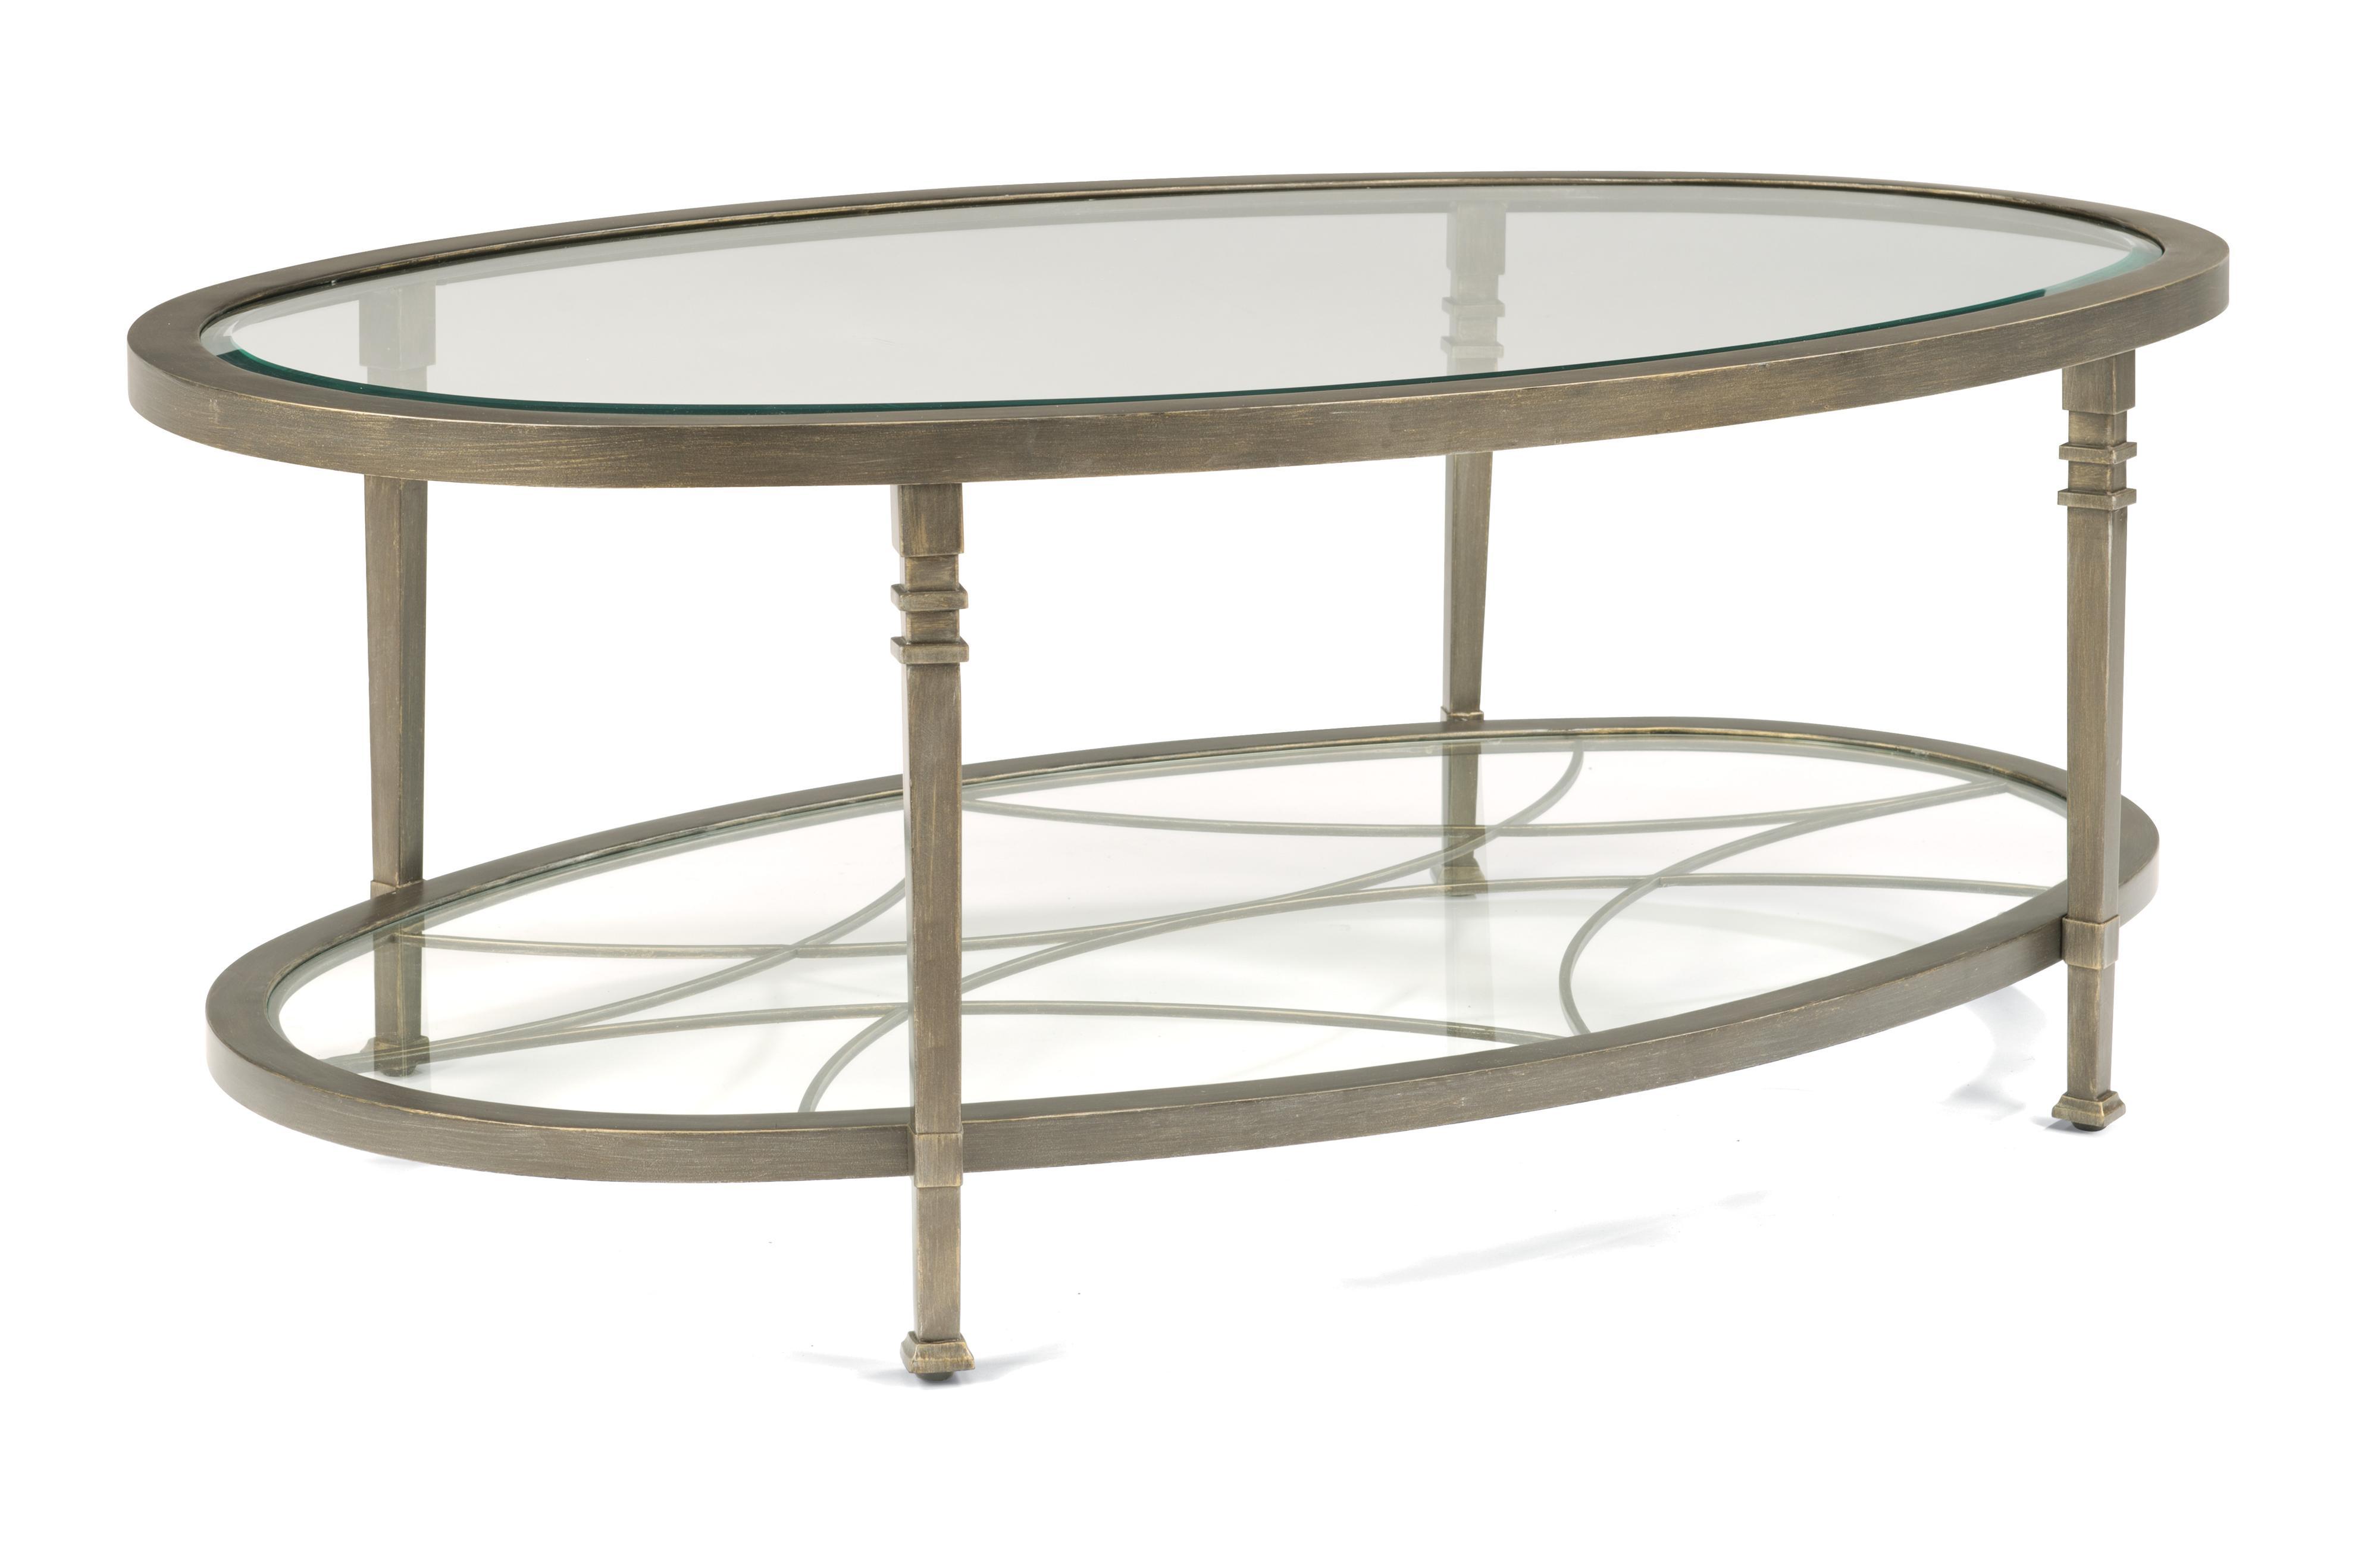 Flexsteel Atrium Oval Cocktail Table - Item Number: 6725-033